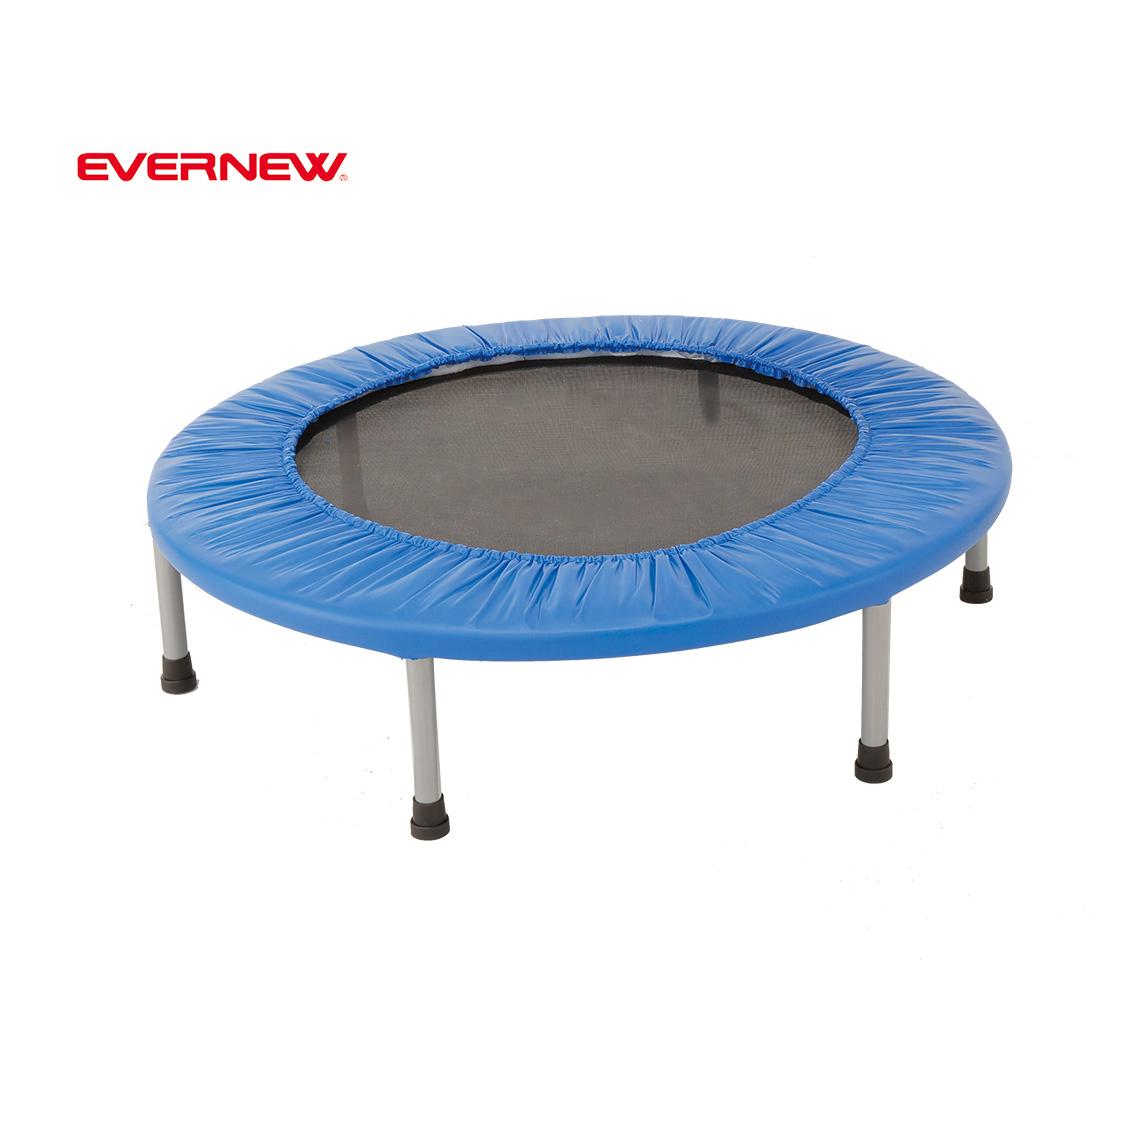 トランポリン 耐荷重100kg ジャンピングキャンバス 102 ETE183 EVERNEW